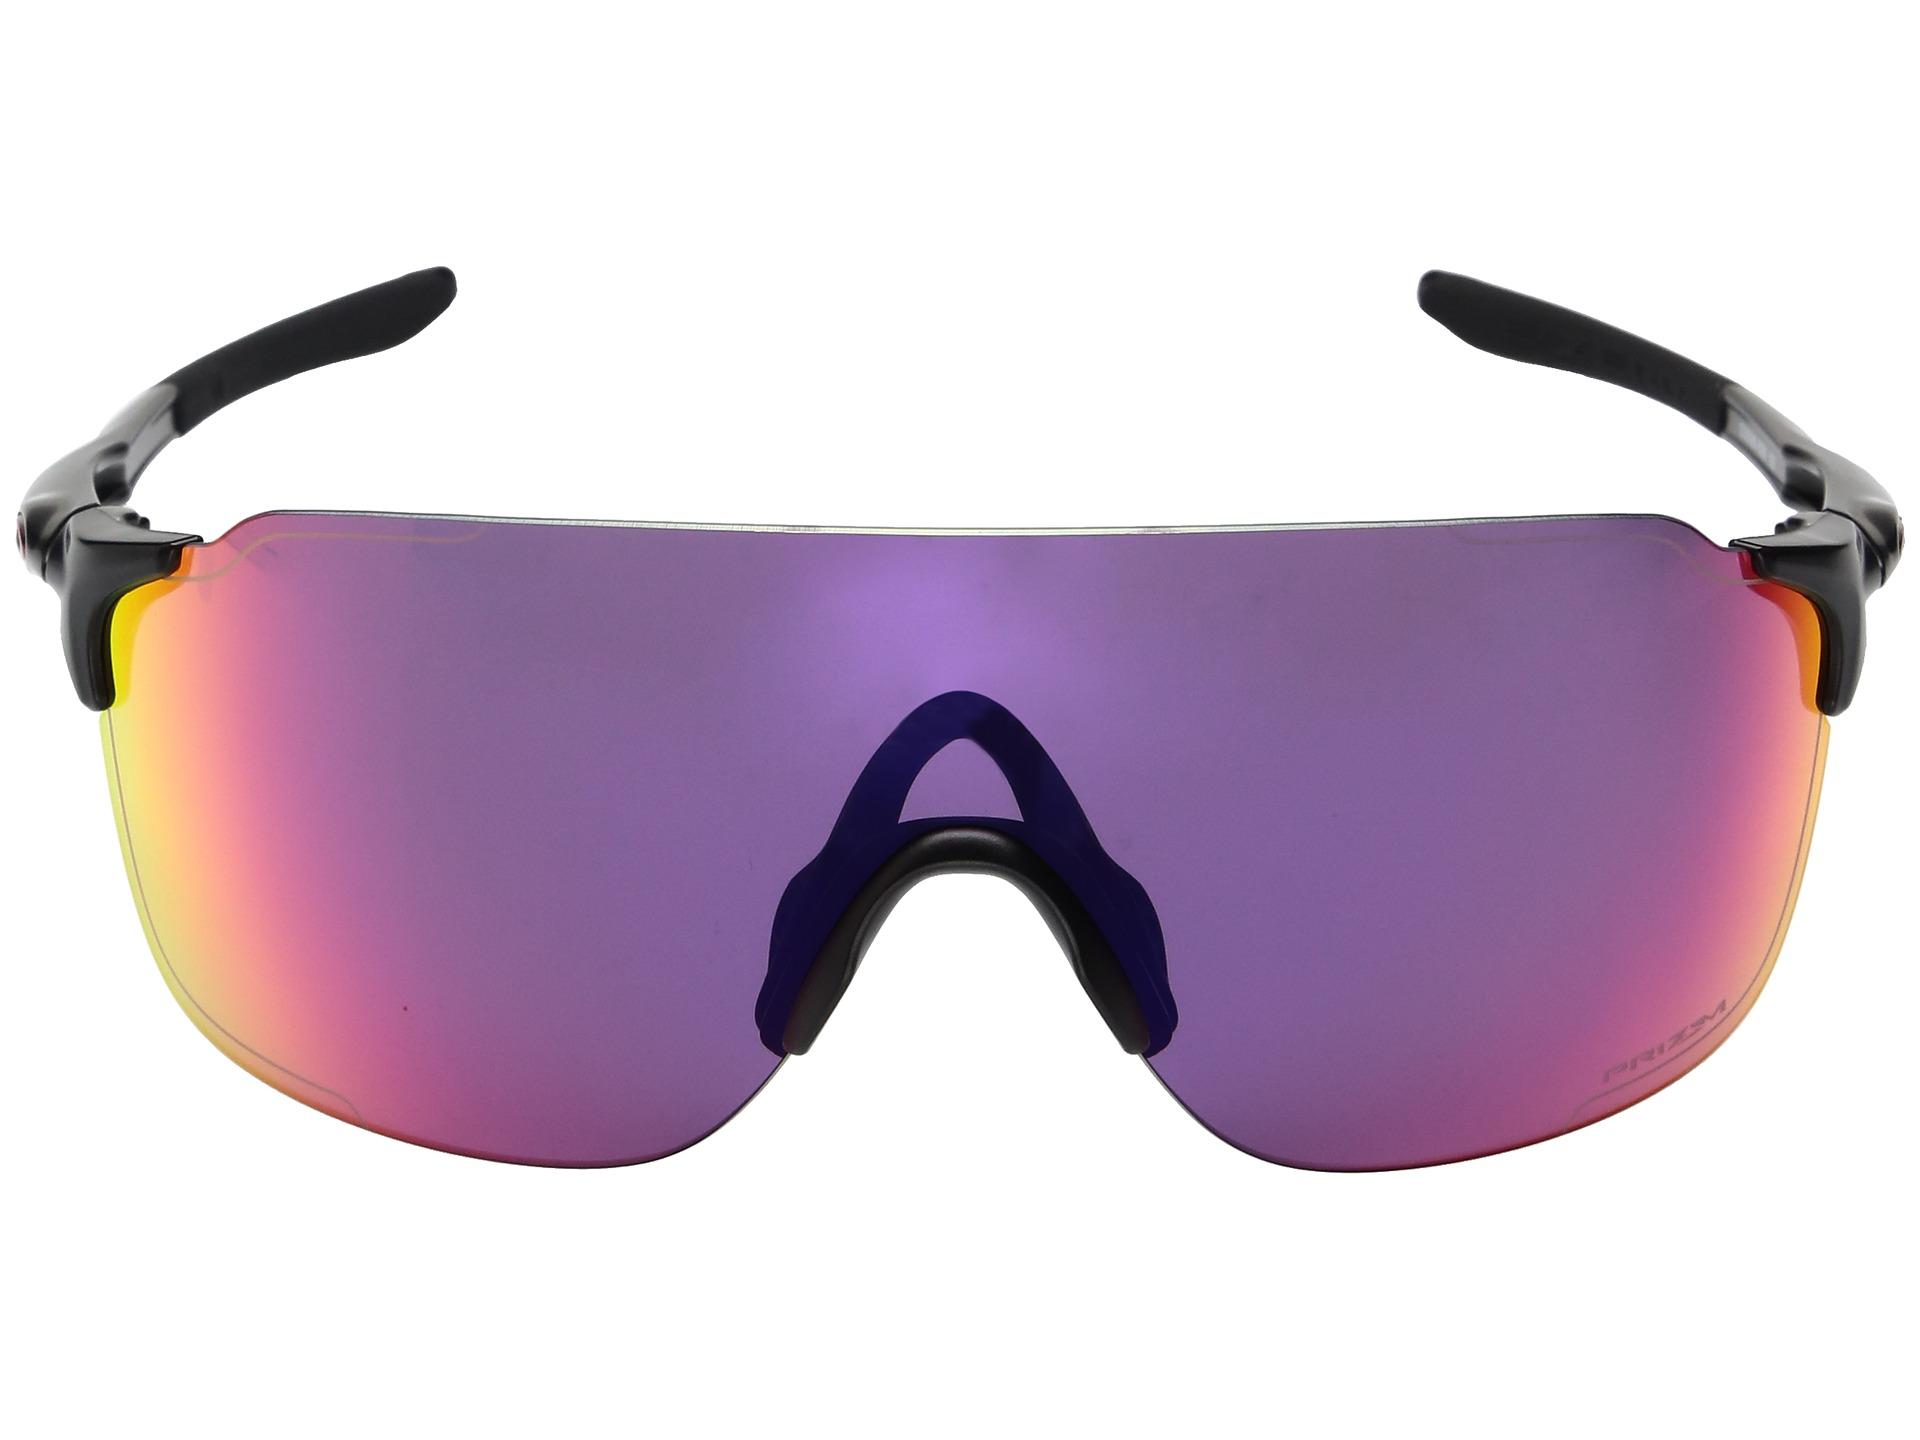 c73cb6b2dd6 Oakley EVZero Stride Sunglasses - Nytro Multisport Oakley Evzero Stride -  www.labucketbrigade.org Free Shipping BOTH Ways